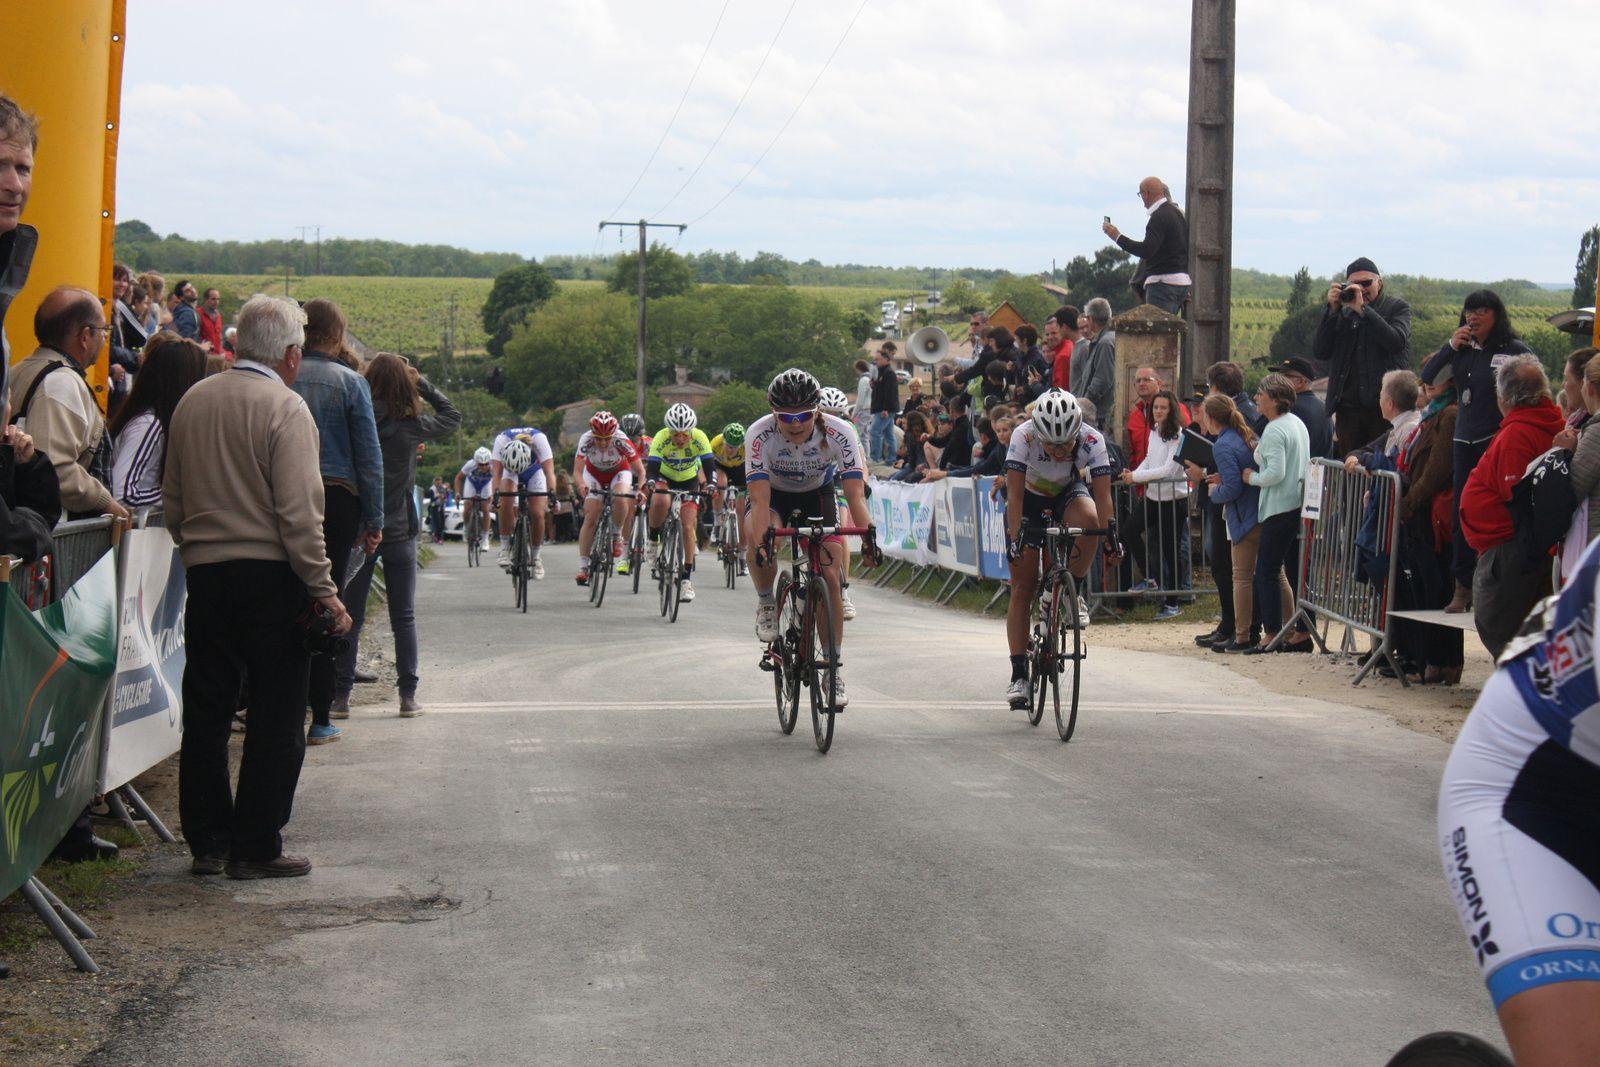 Victoire  pour  Severine  ERAUD  devant  Pascale  JEULAND. 13e  place  pour  Pauline  ALLIN, 25e  Héléne  PILOTE-FORTIN, 44e  Anais  BORDES, 48e  Lola  PROSPER.